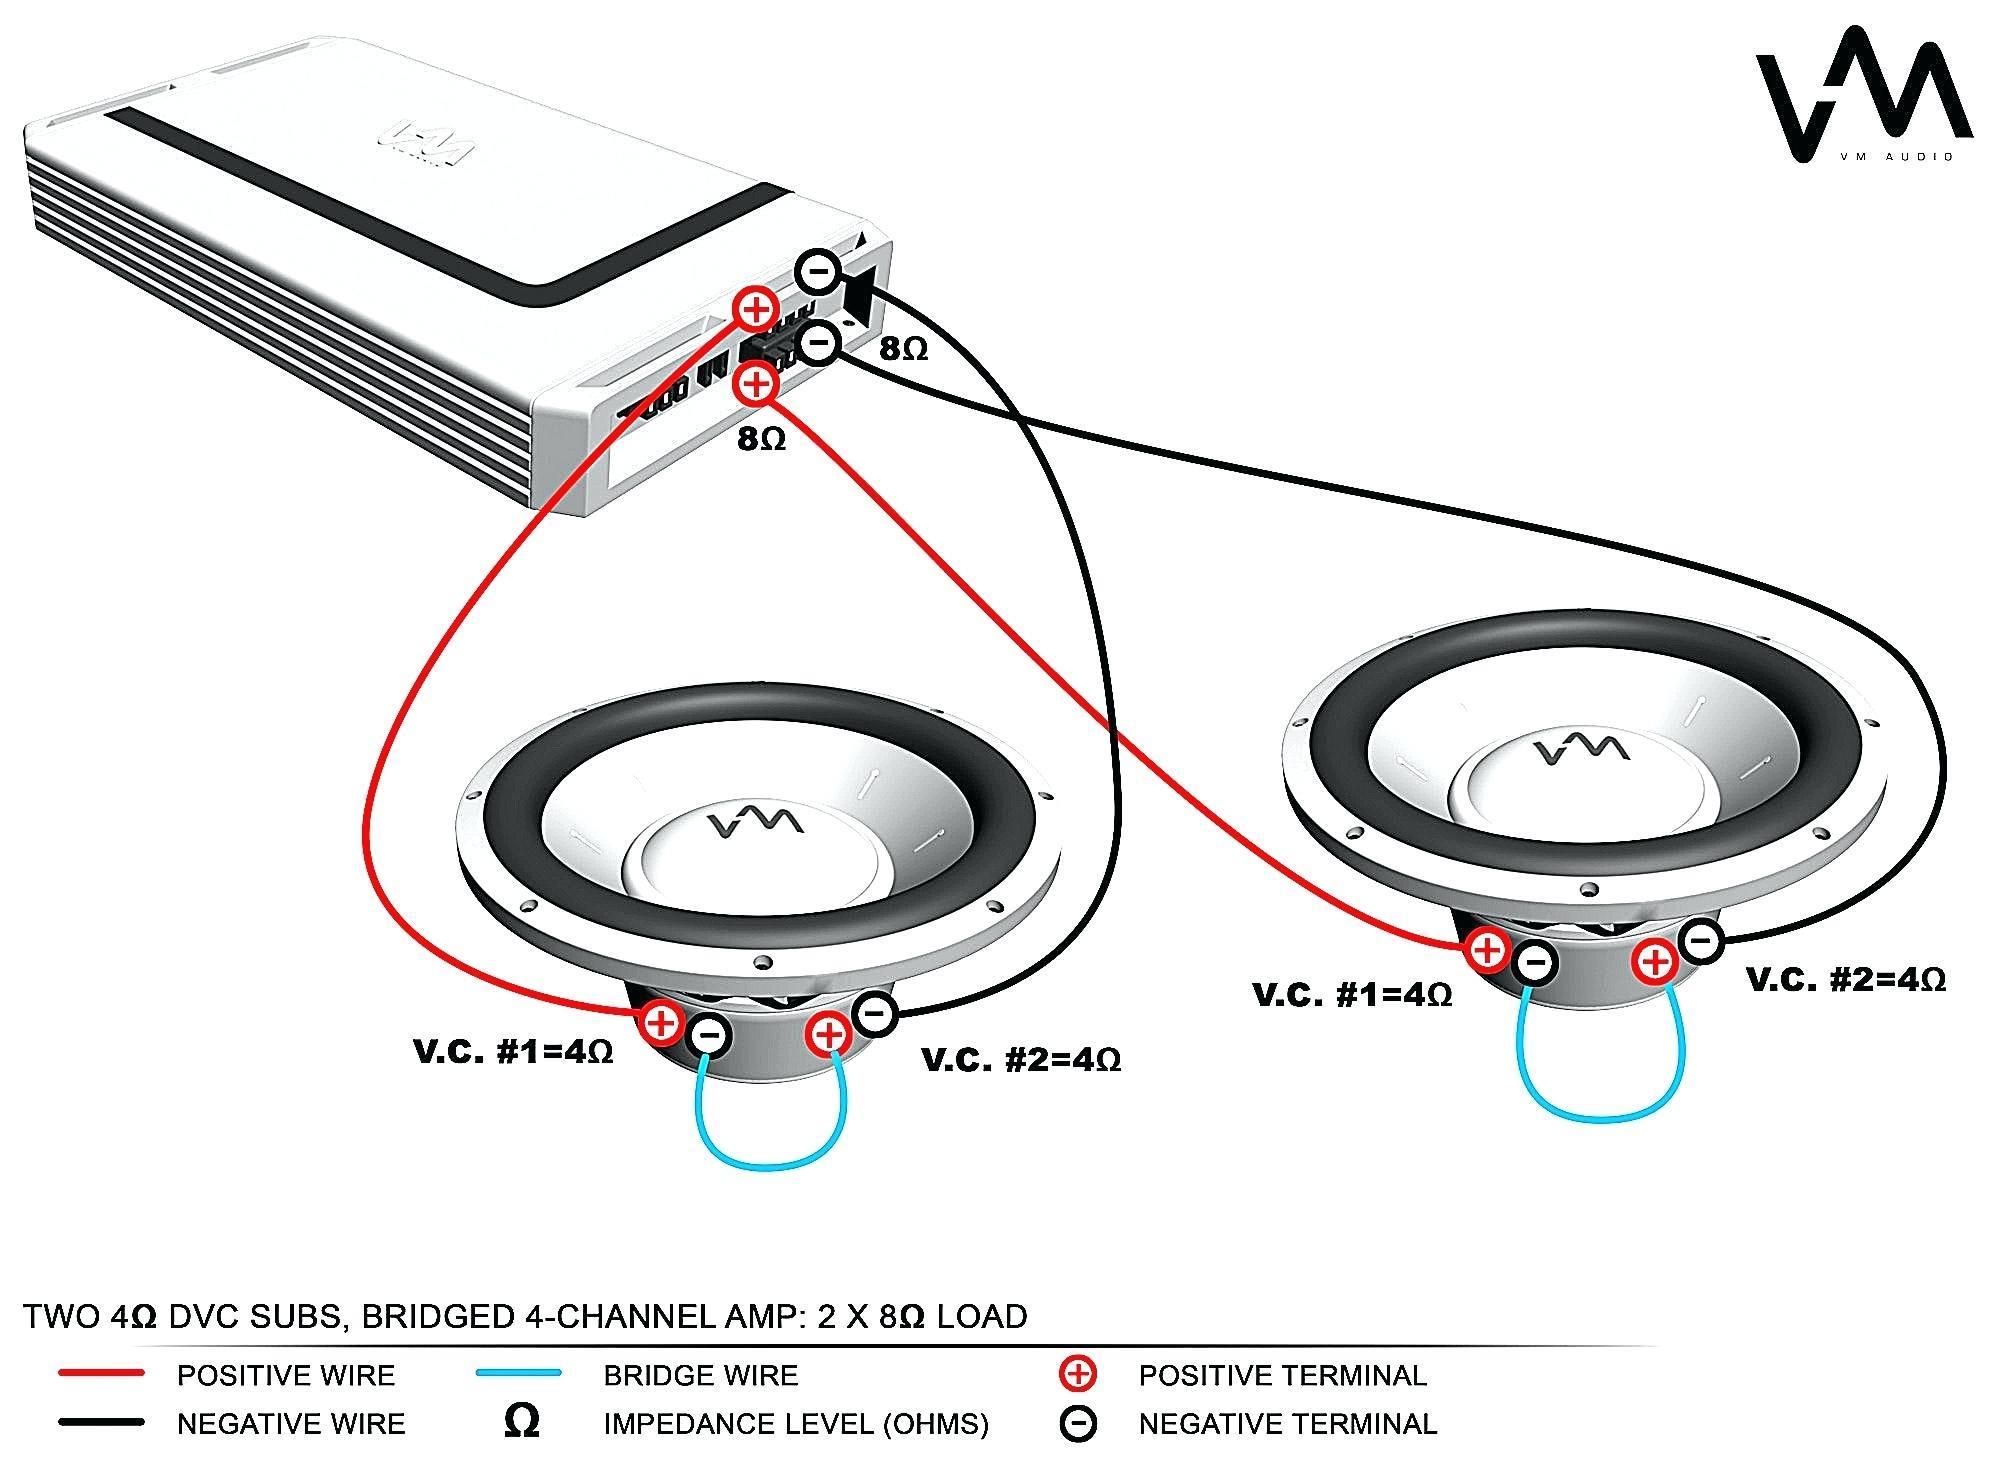 Kicker Subwoofer Wiring Diagram | Wiring Diagram - Kicker Amp Wiring Diagram